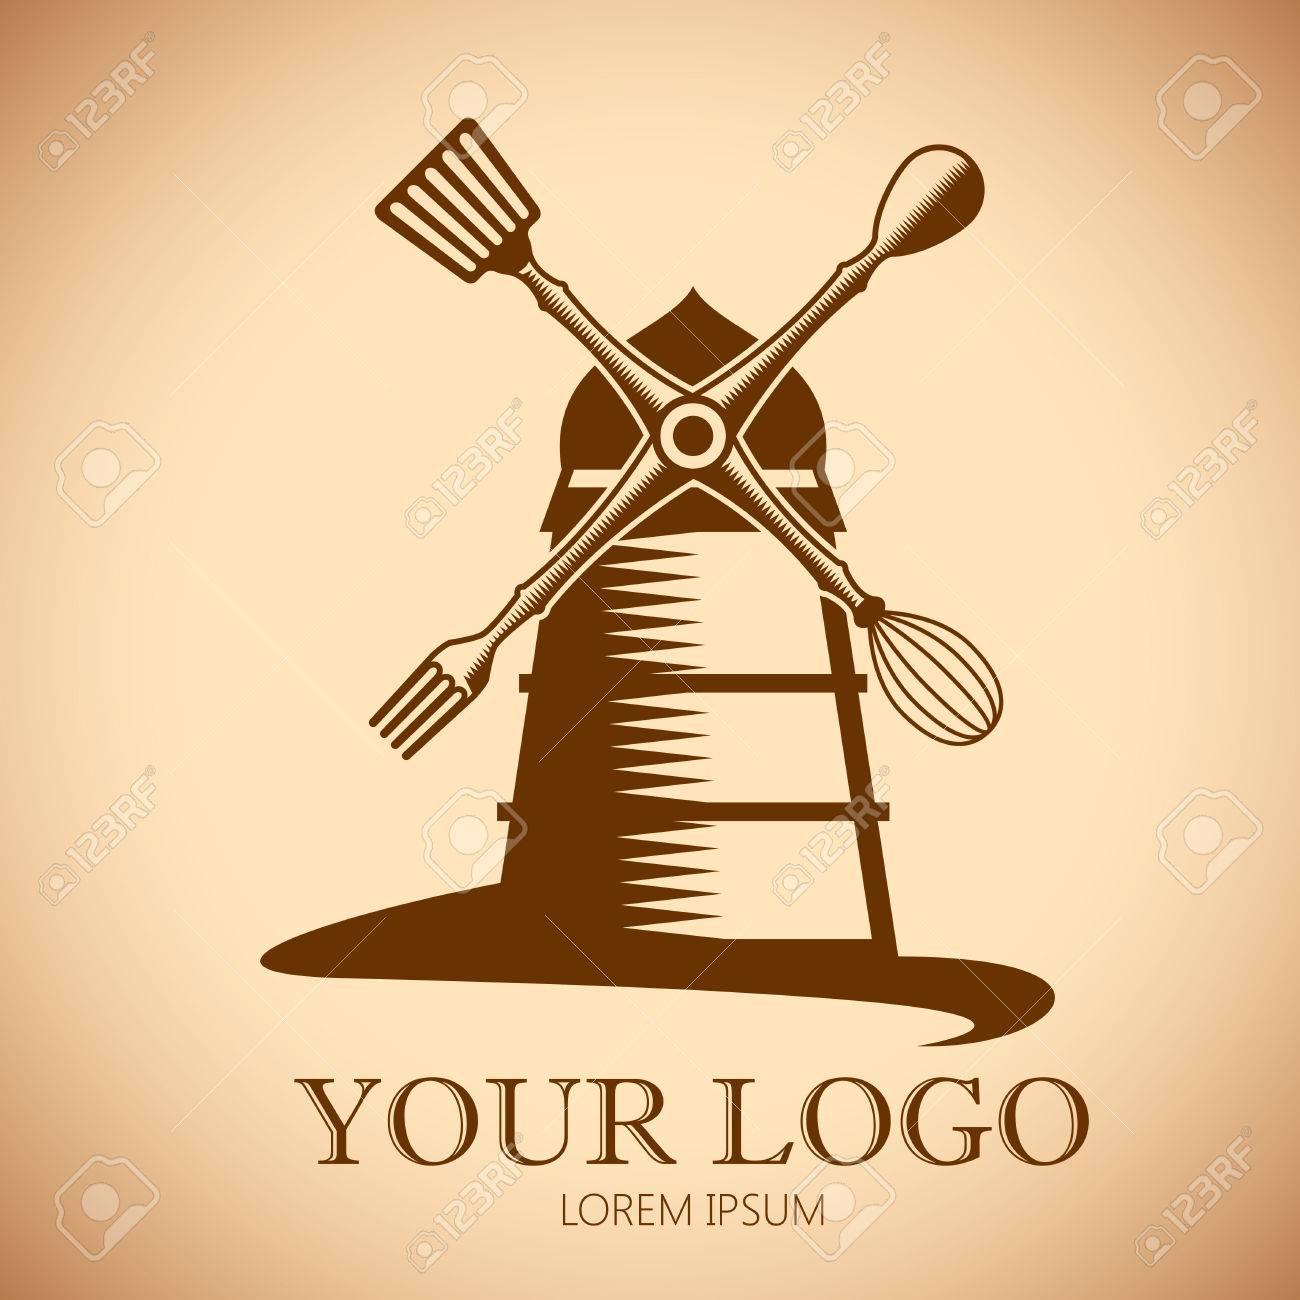 Lorem Ipsum Diseño Plantilla Cartel Con Palabras Su Logotipo En ...